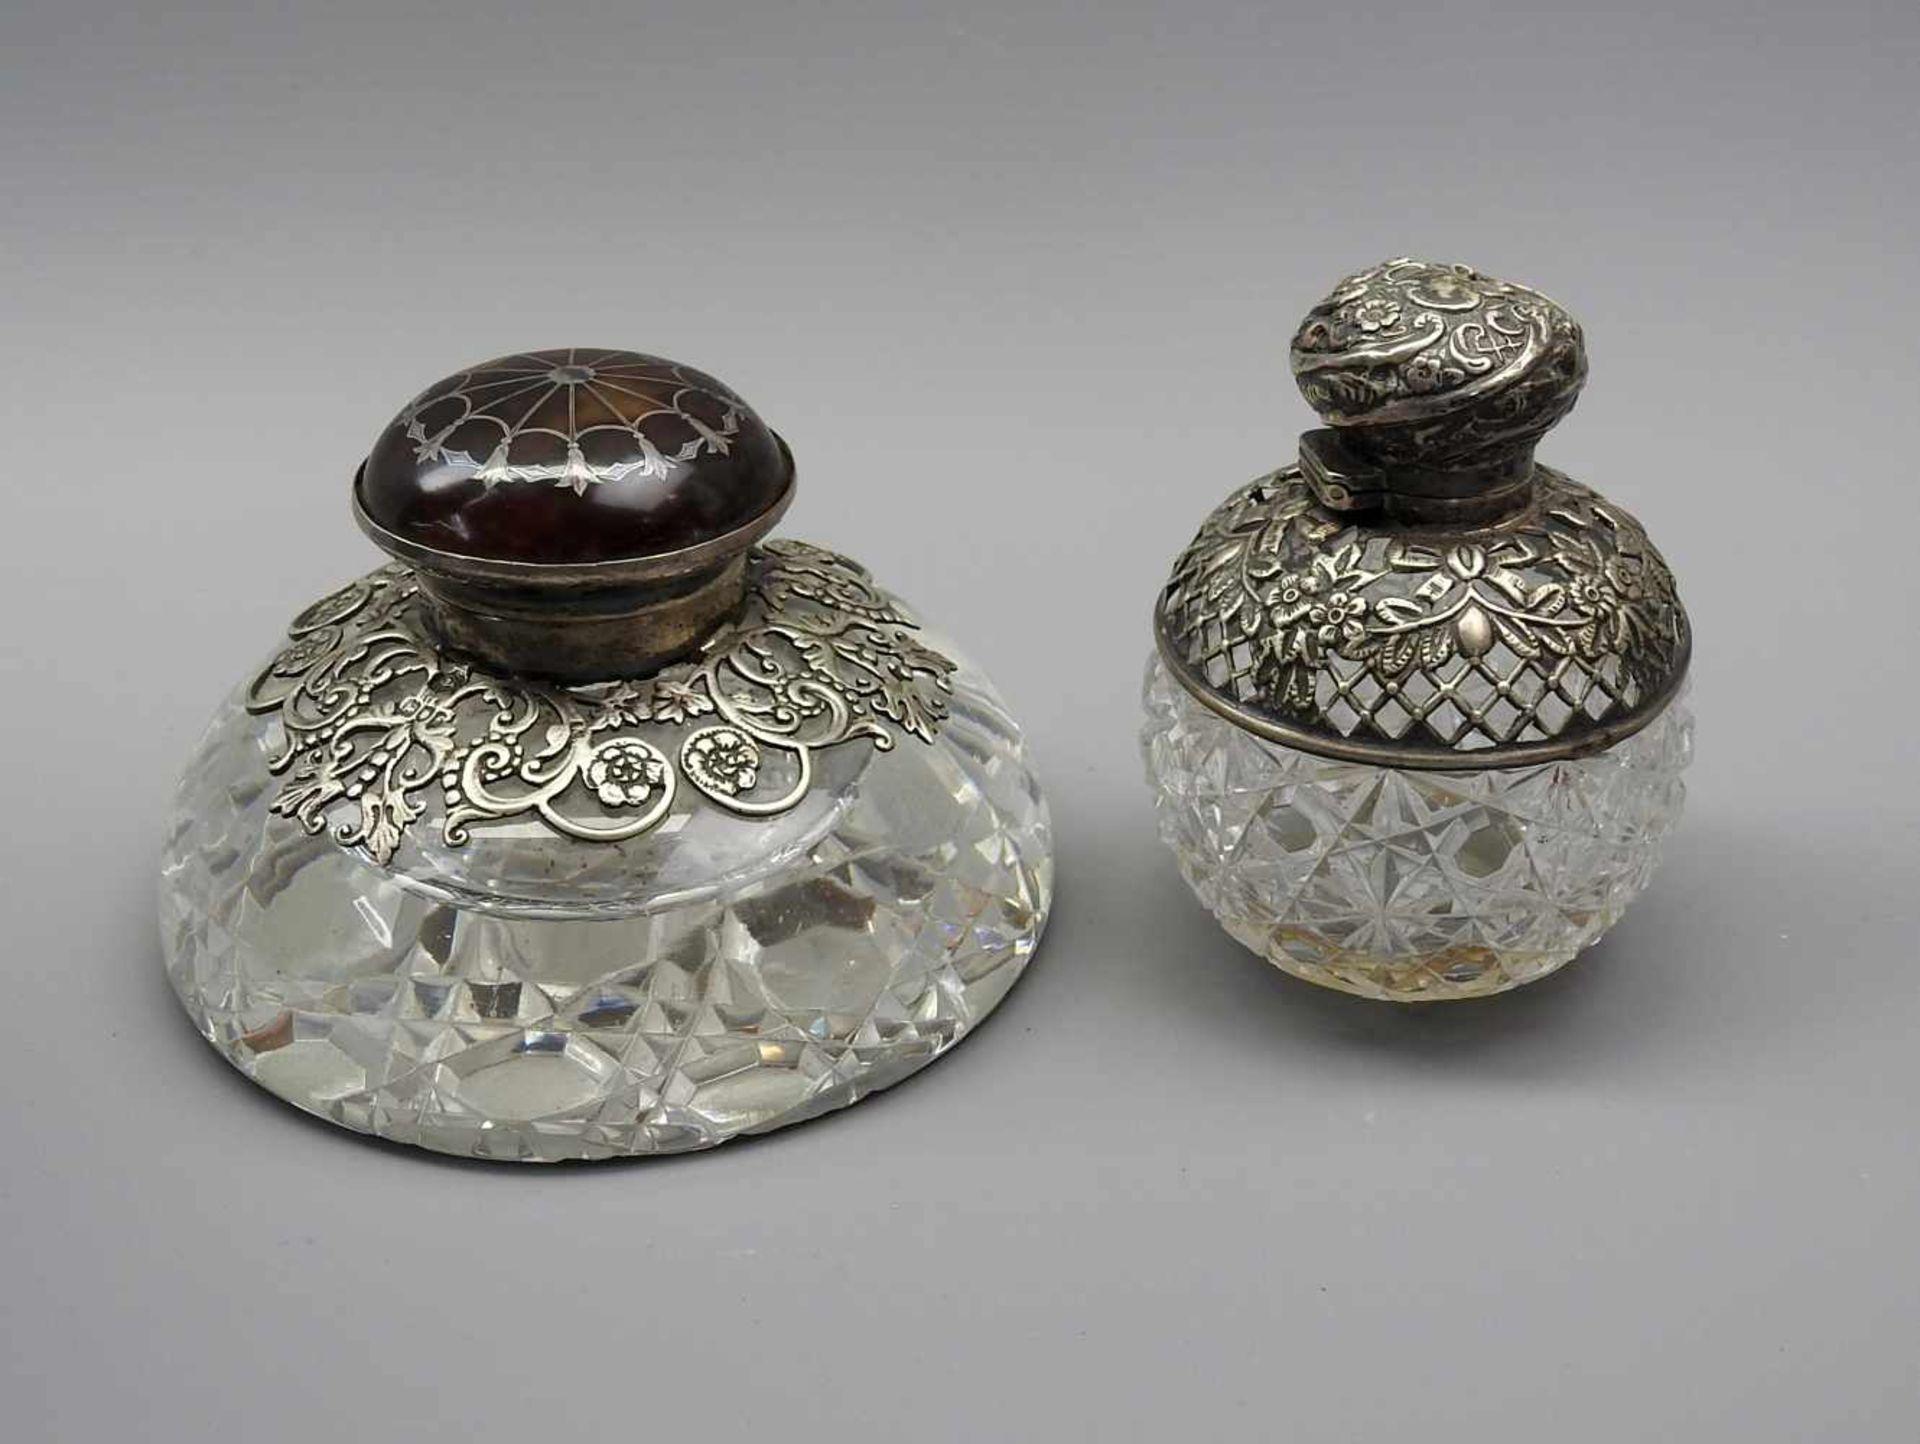 Zwei TintenfässerGlas und Sterling Silber 925, jeweils mit schreitendem Löwen für England, einmal